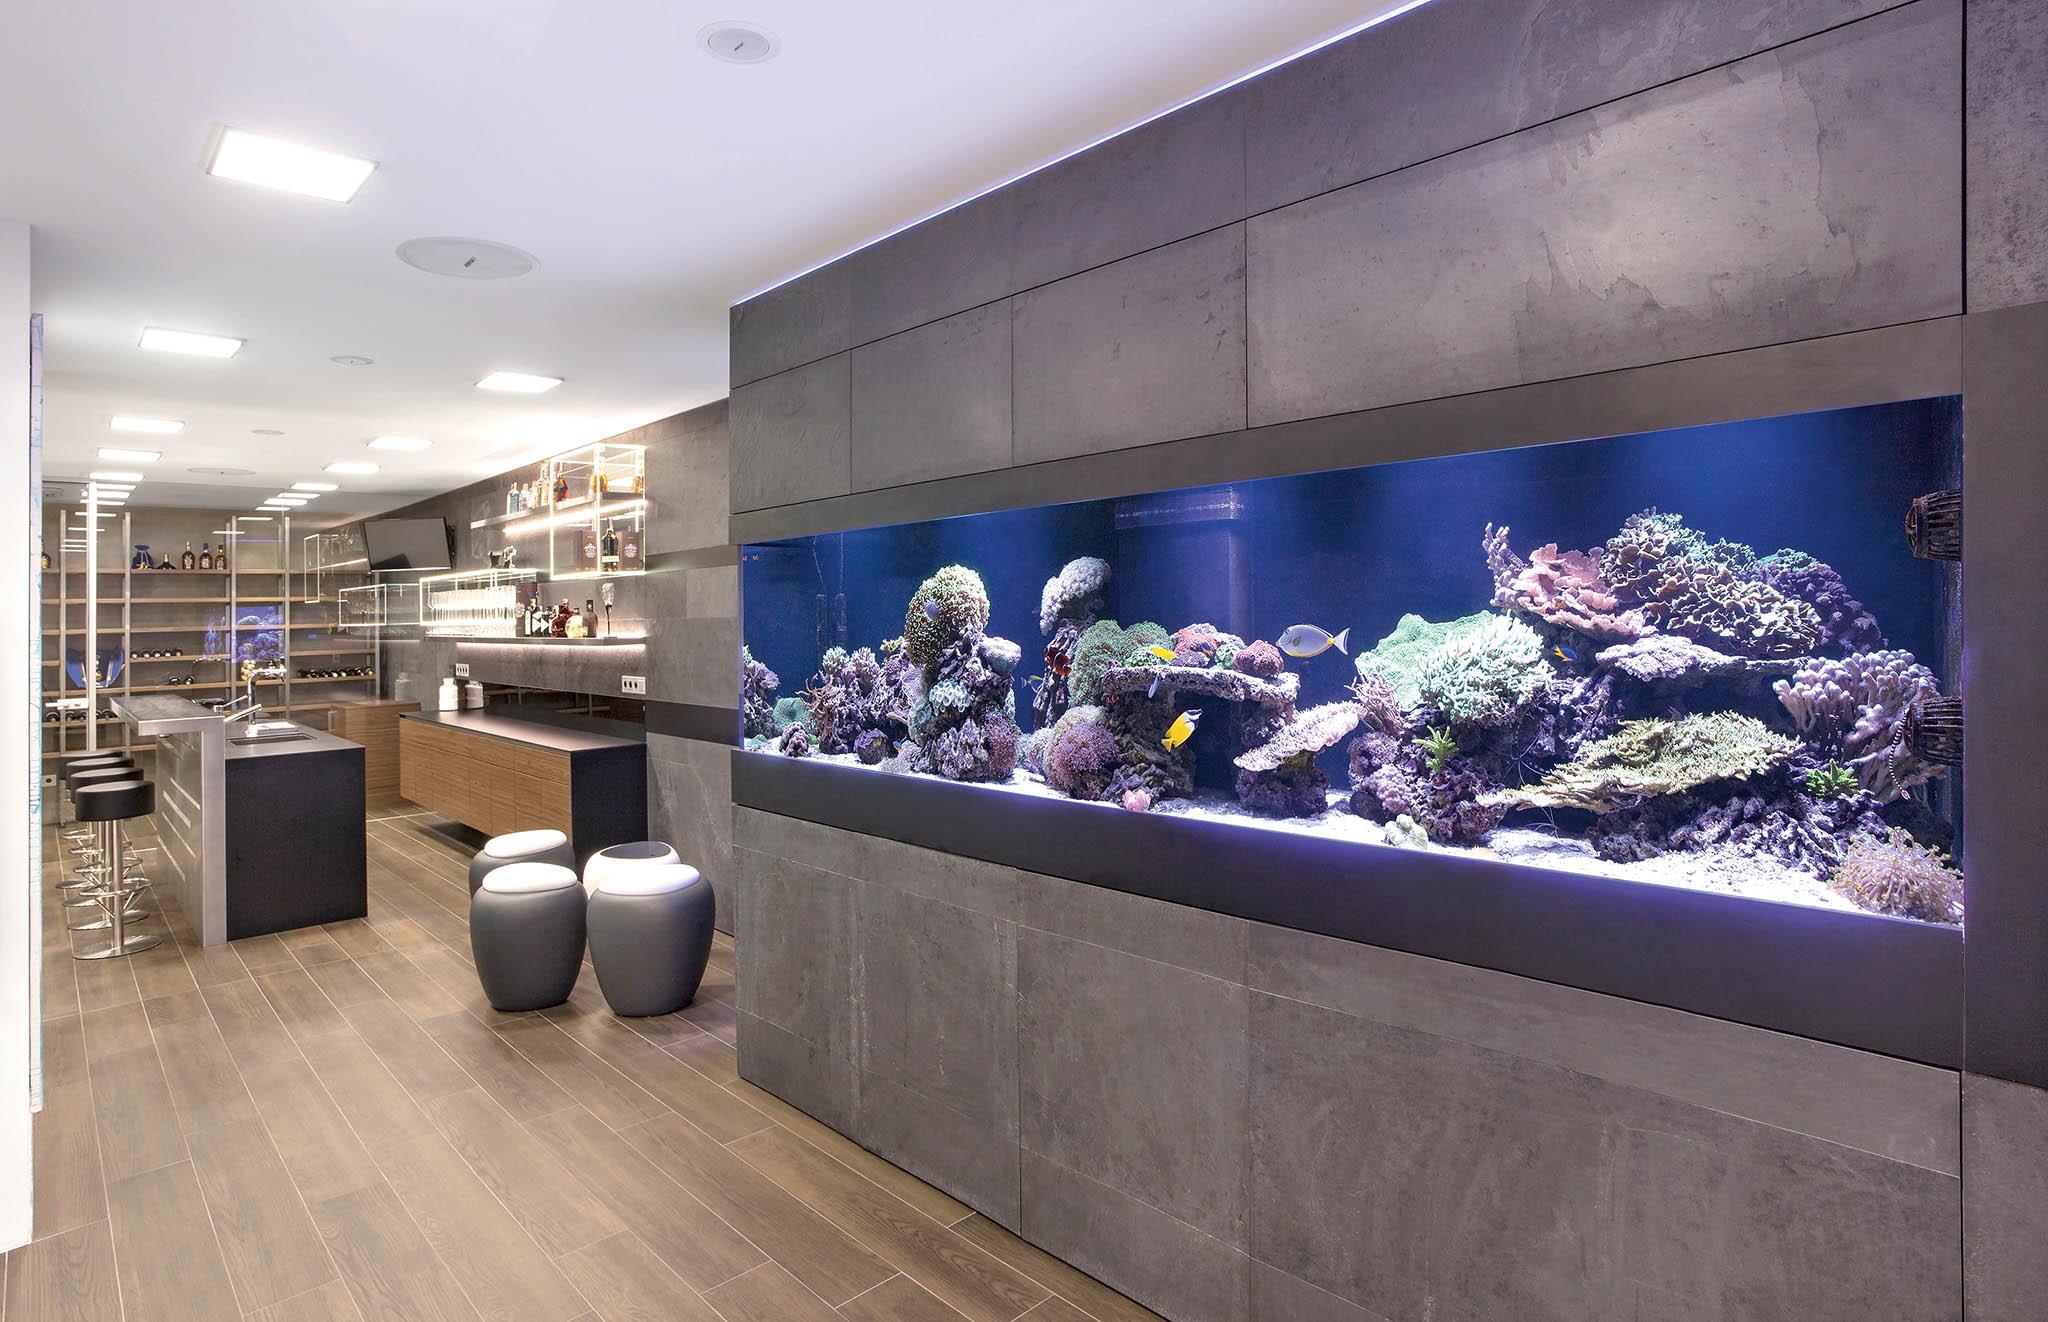 Pořídit si mořské akvárium znamená respektovat řadu pravidel. Jejich výčet začíná správným výběrem ryb, tak aby se vzájemně nepozabíjely či nesežraly, akončí pravidelným sledováním kvality vody adoplňováním minerálů.